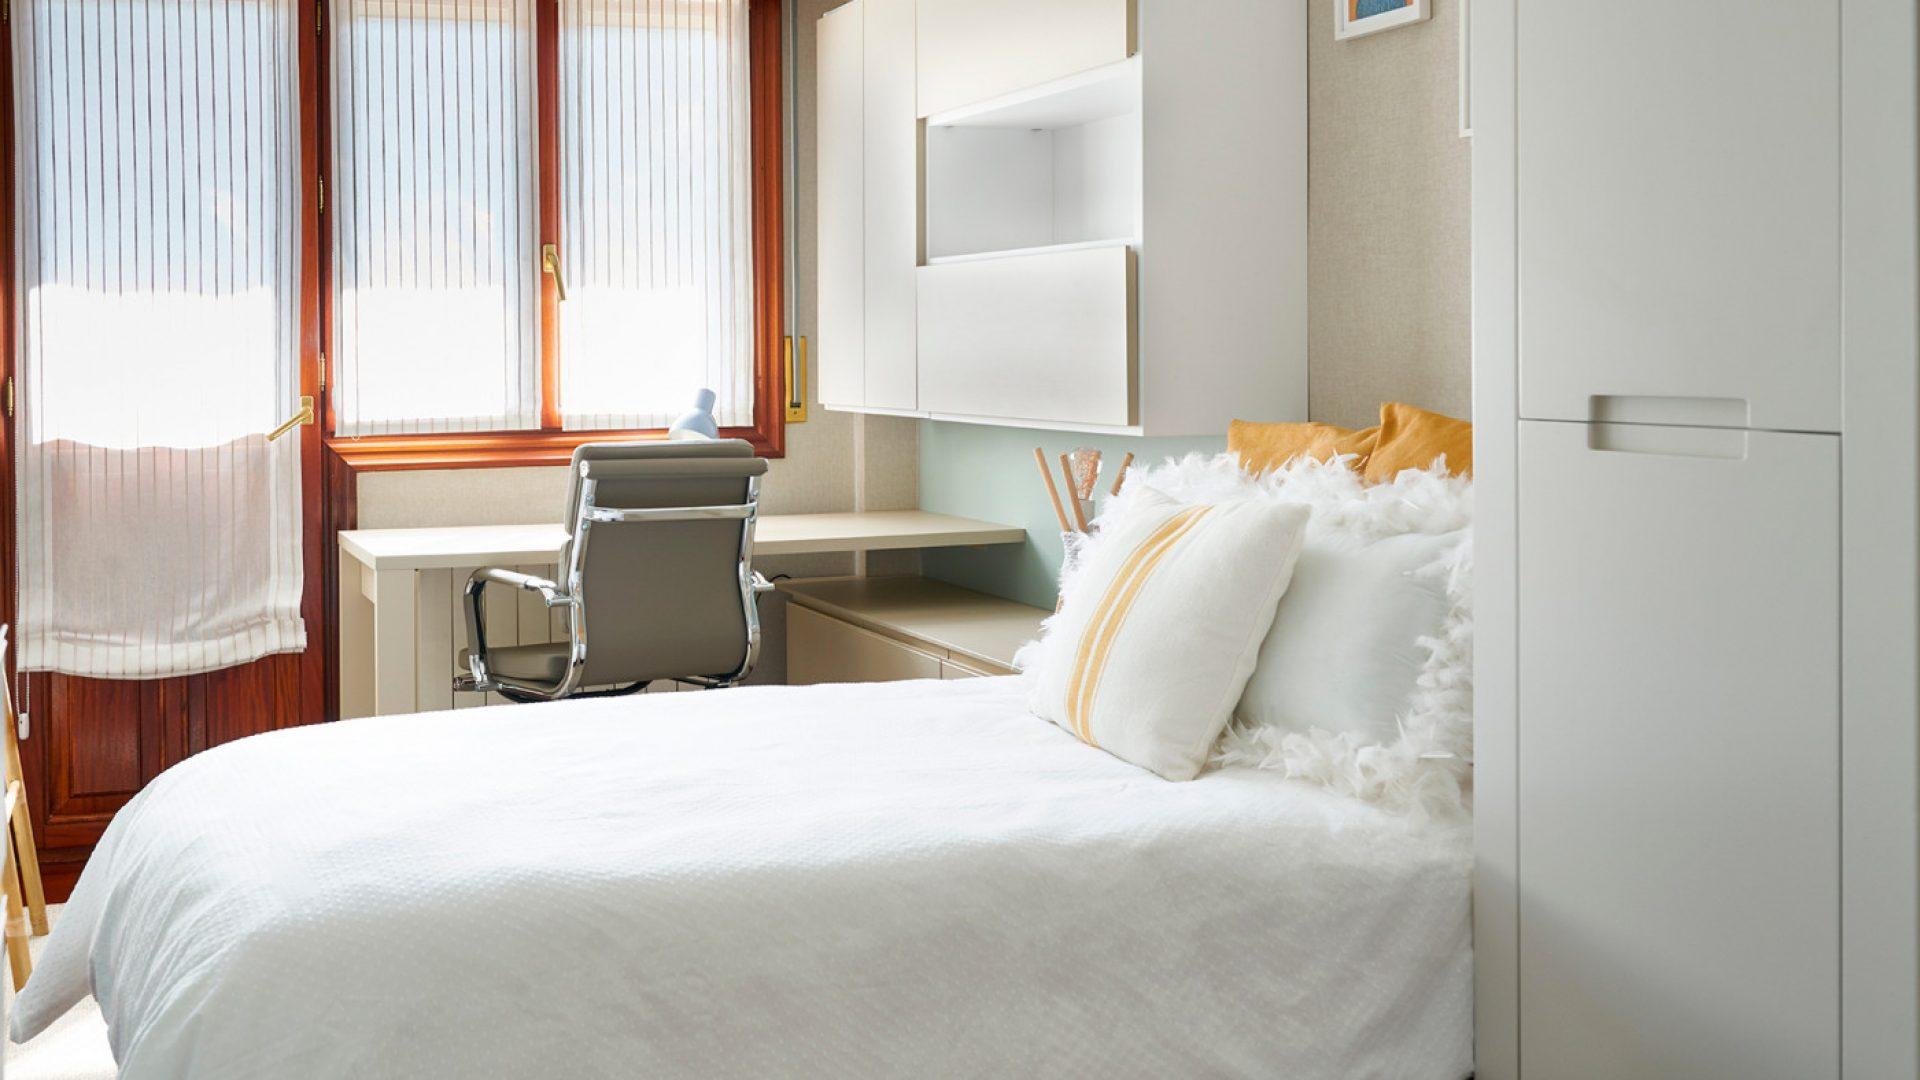 Dormitorio juvenil Reforma parcial Igorre